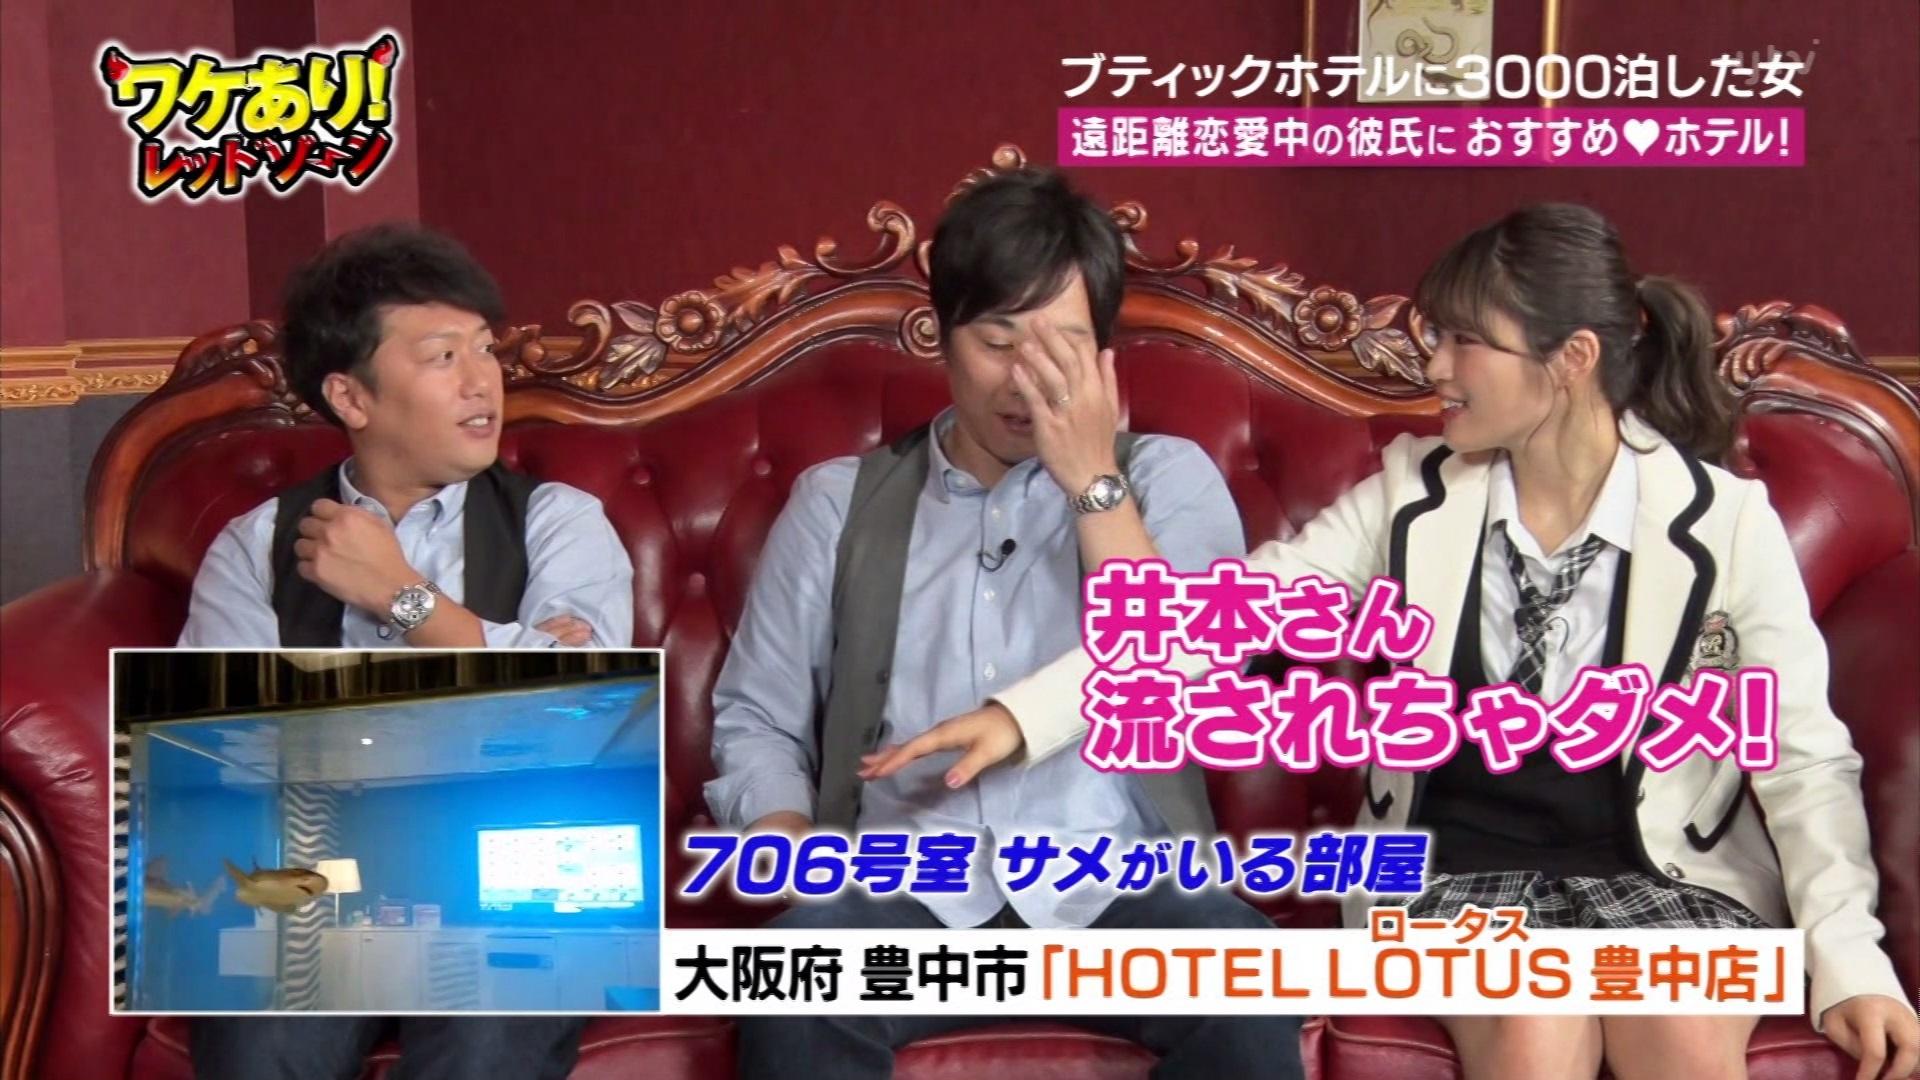 【渋谷凪咲】なぎさ出演12月15日ワケあり!レッドゾーンキャプ画像。日向琴子さんが三度目の登場。